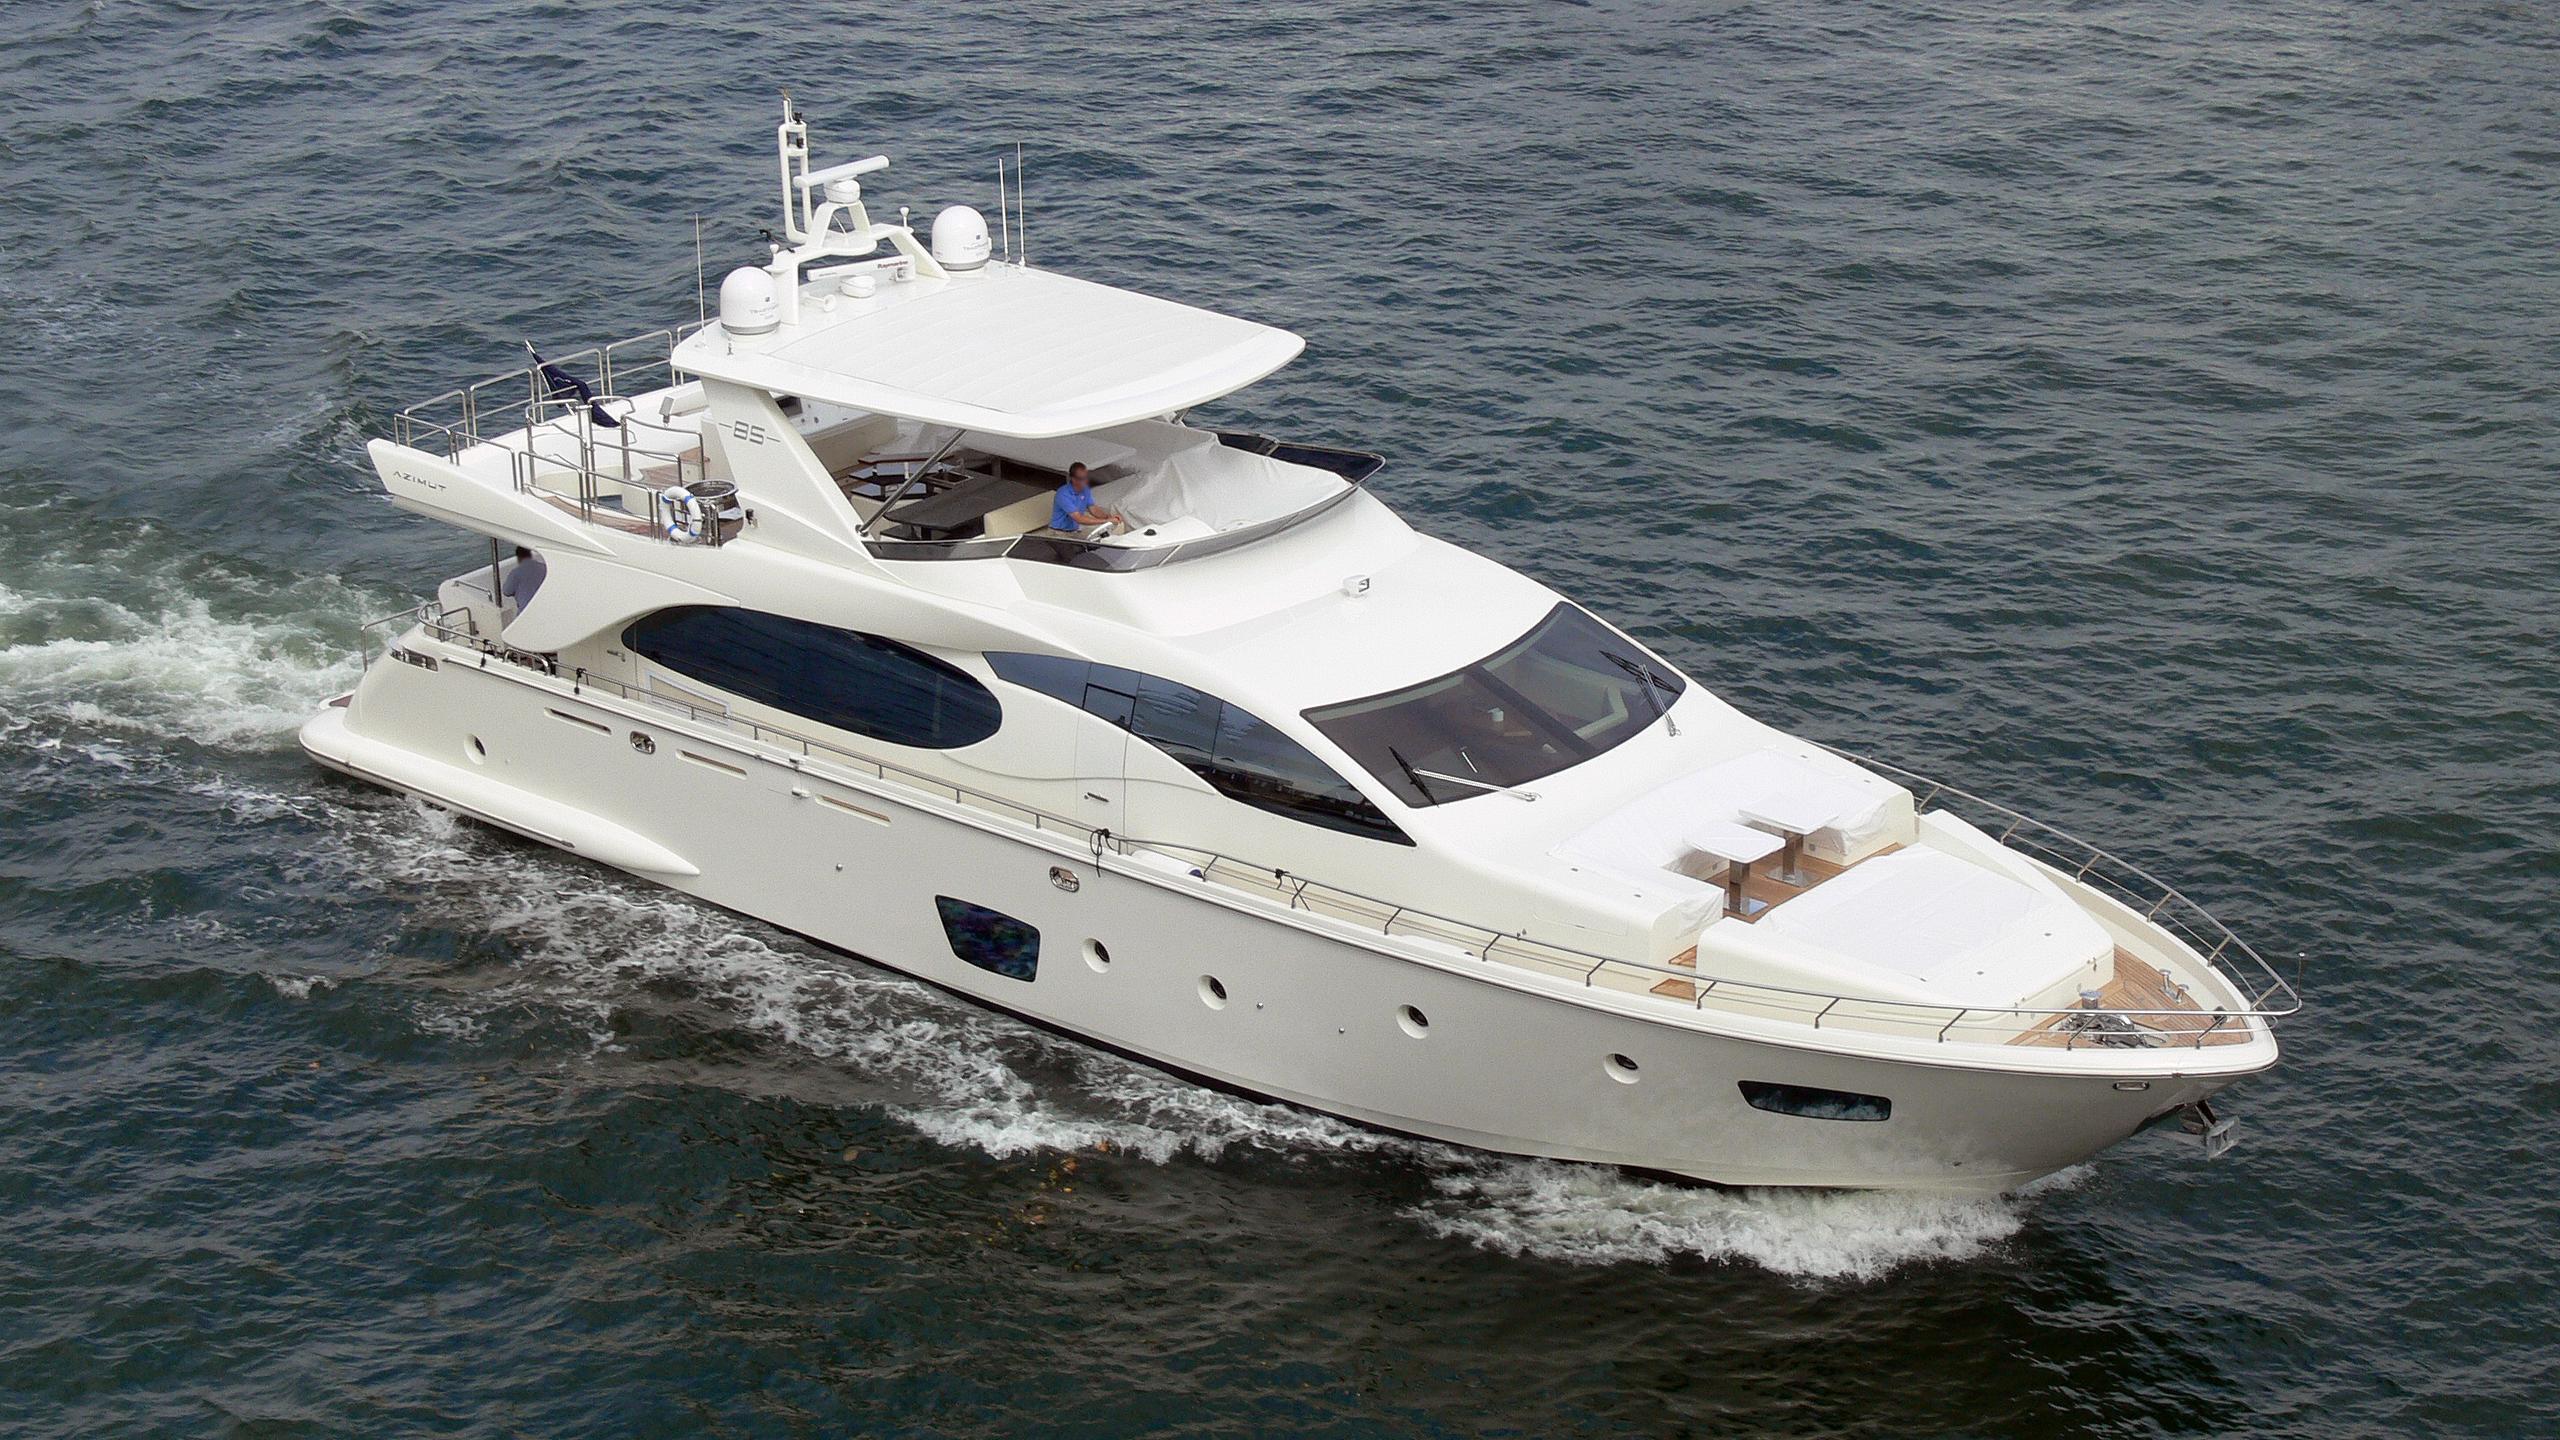 azimut-az-85-126-motor-yacht-2007-27m-aerial